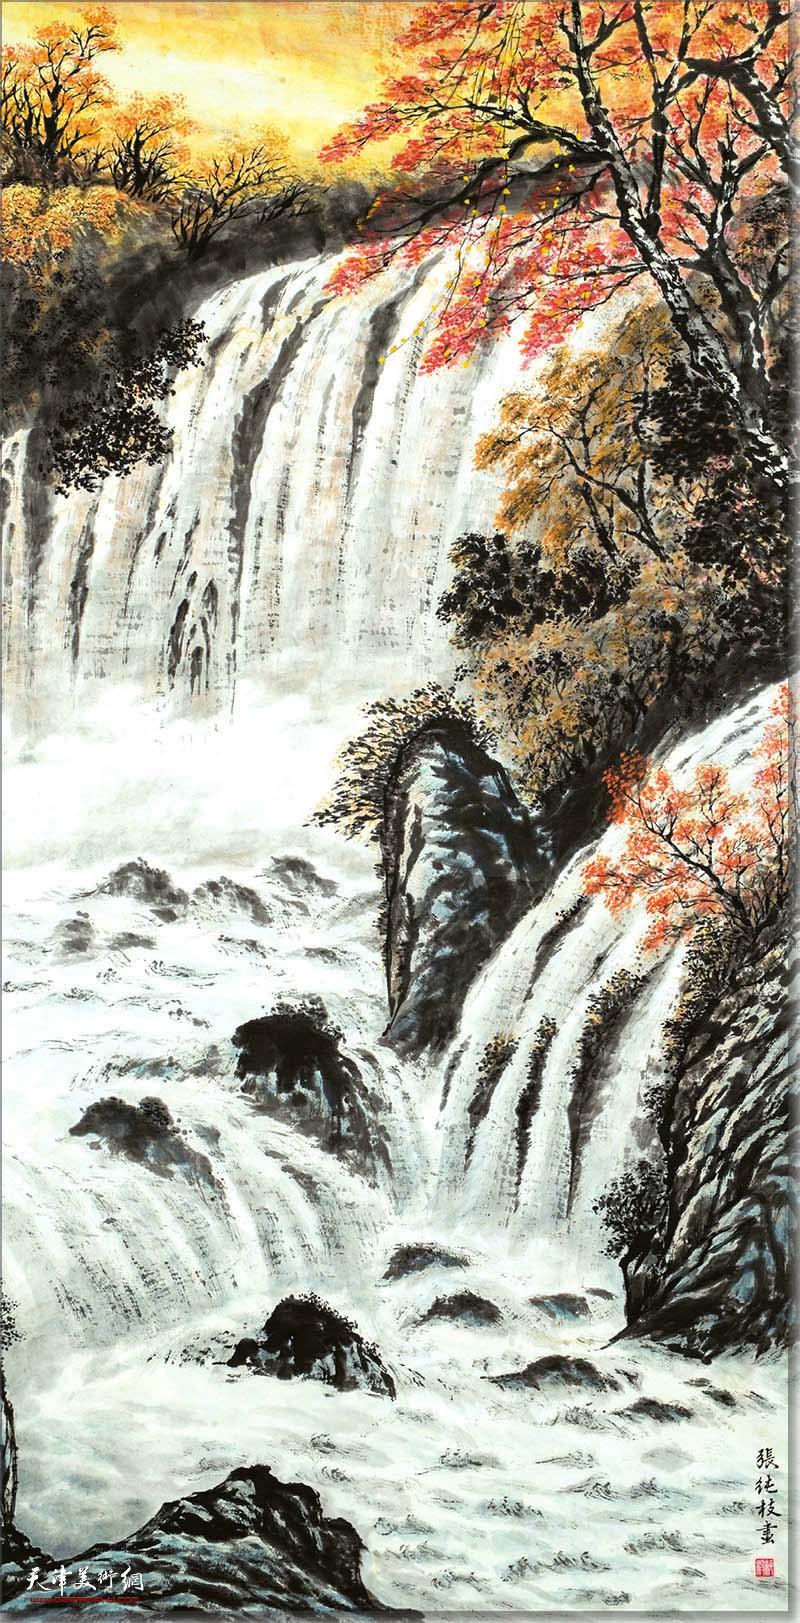 张纯枝作品:金秋飞瀑图